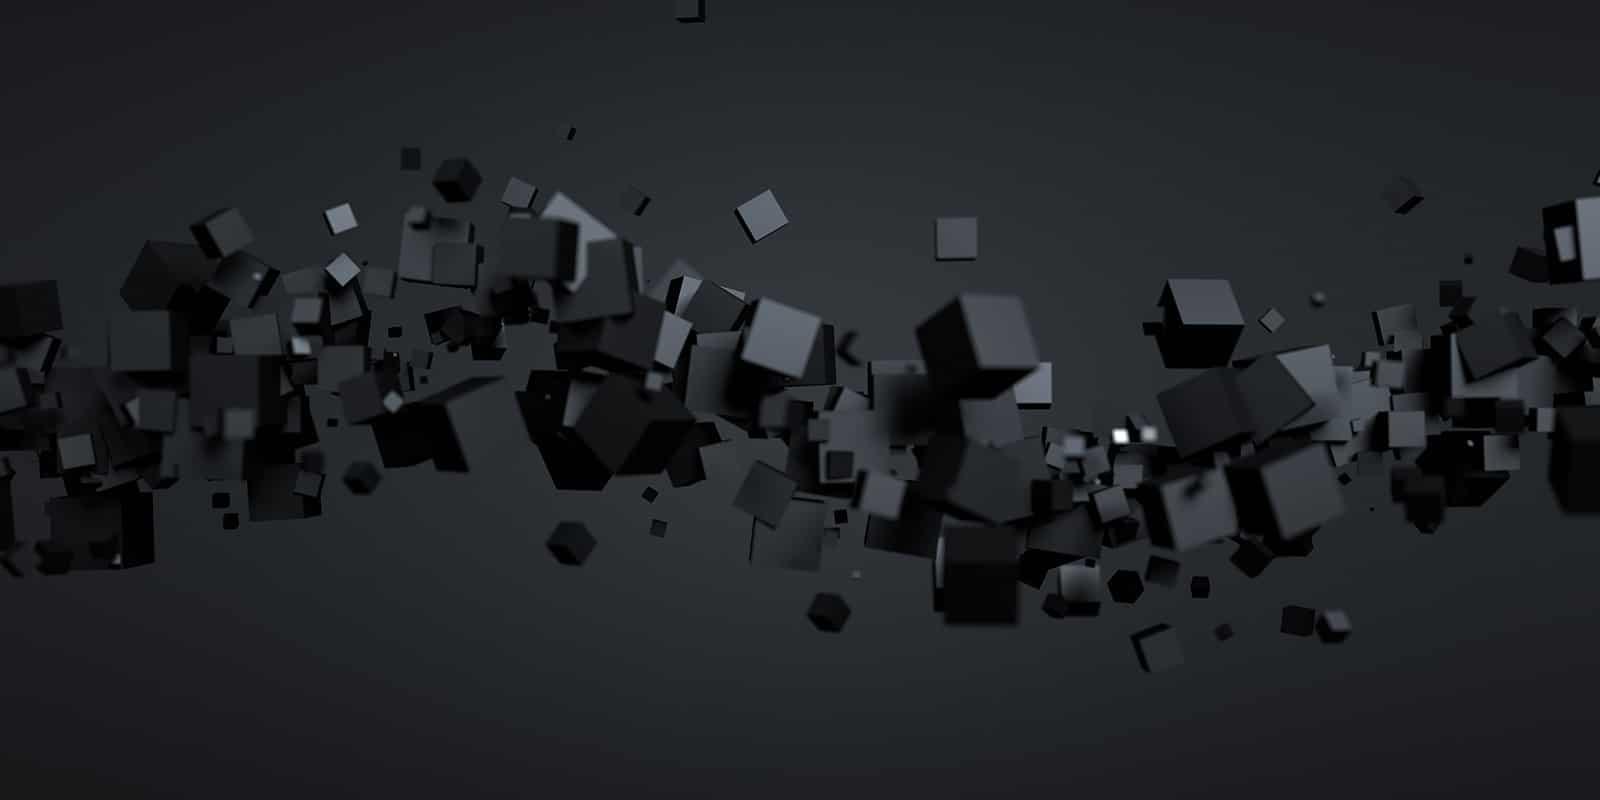 Kunststoffgehäuse und Folientastatur von mentec - Höchste Qualität, vom Prototyp zur Serie